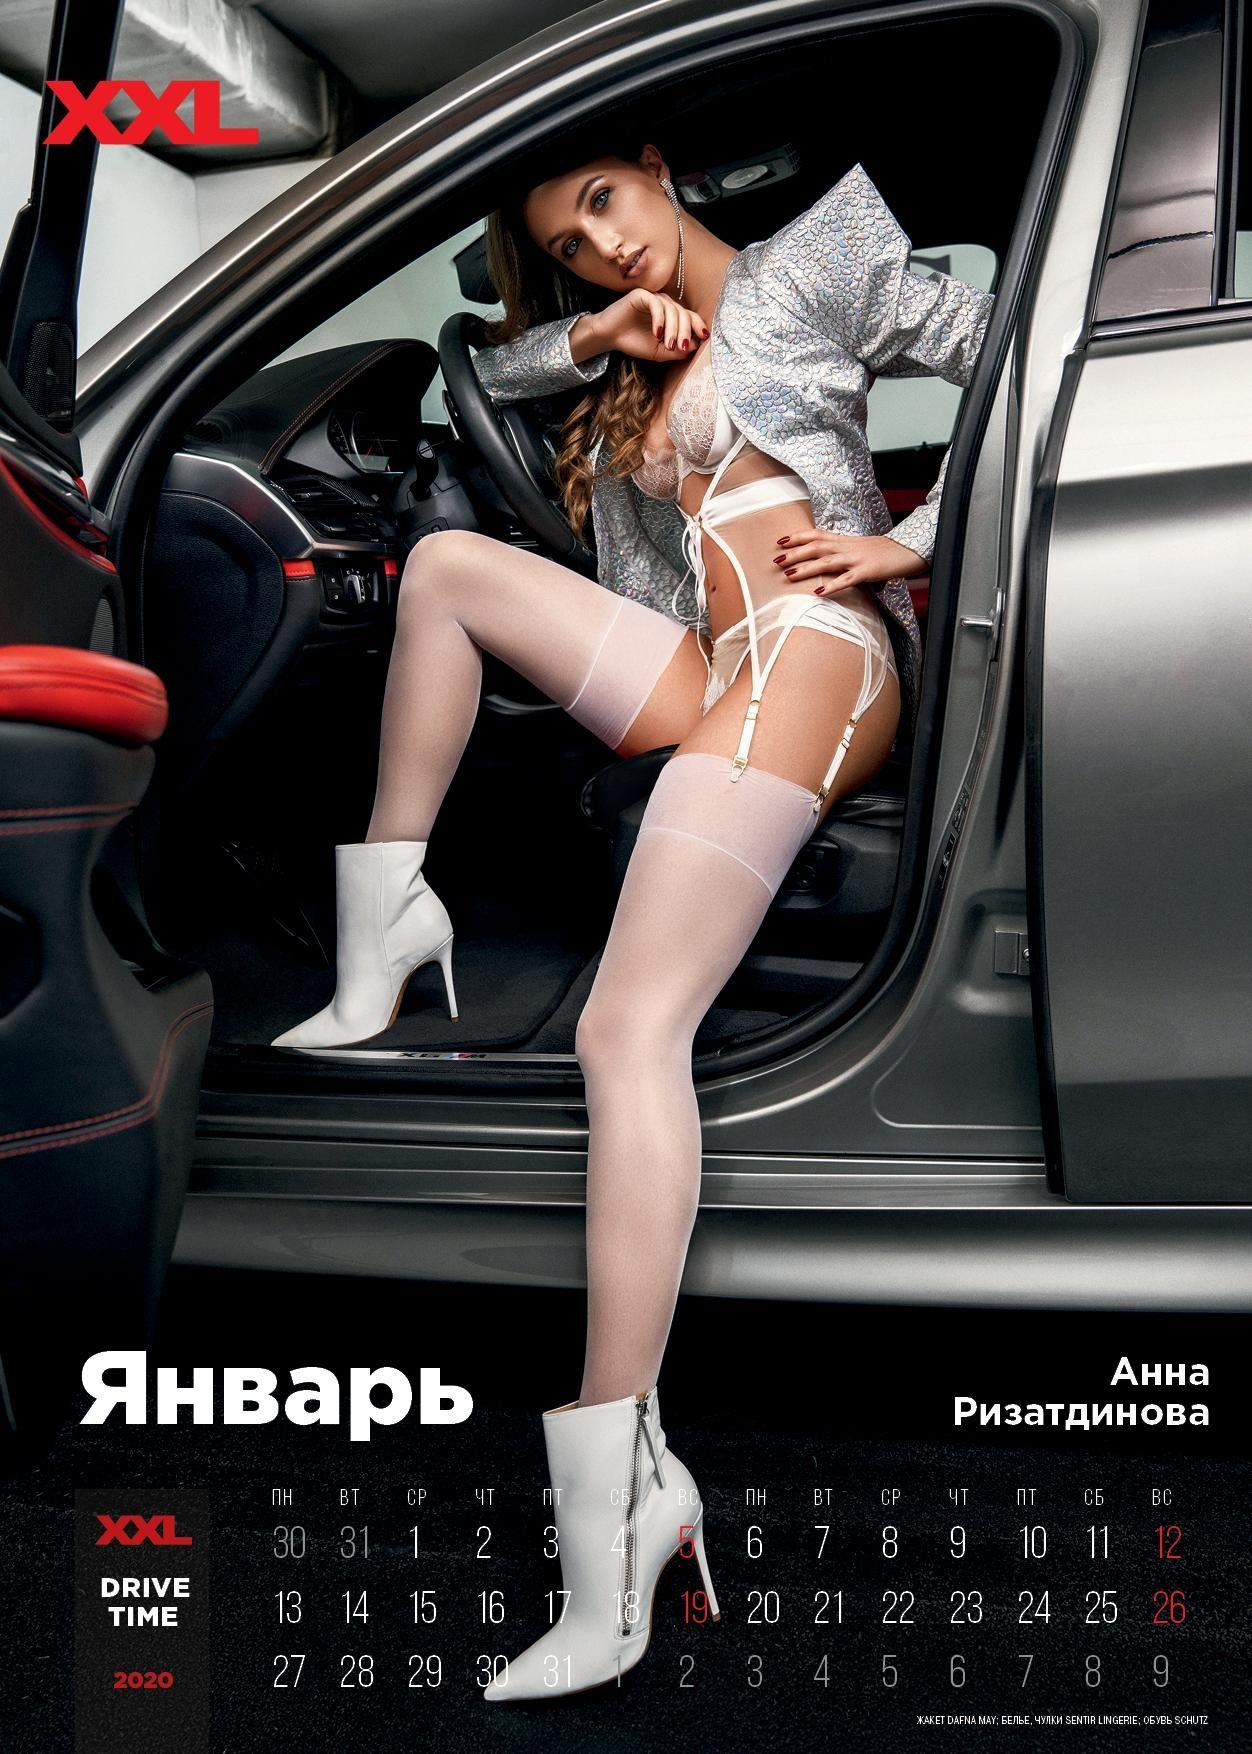 XXL Різатдінова